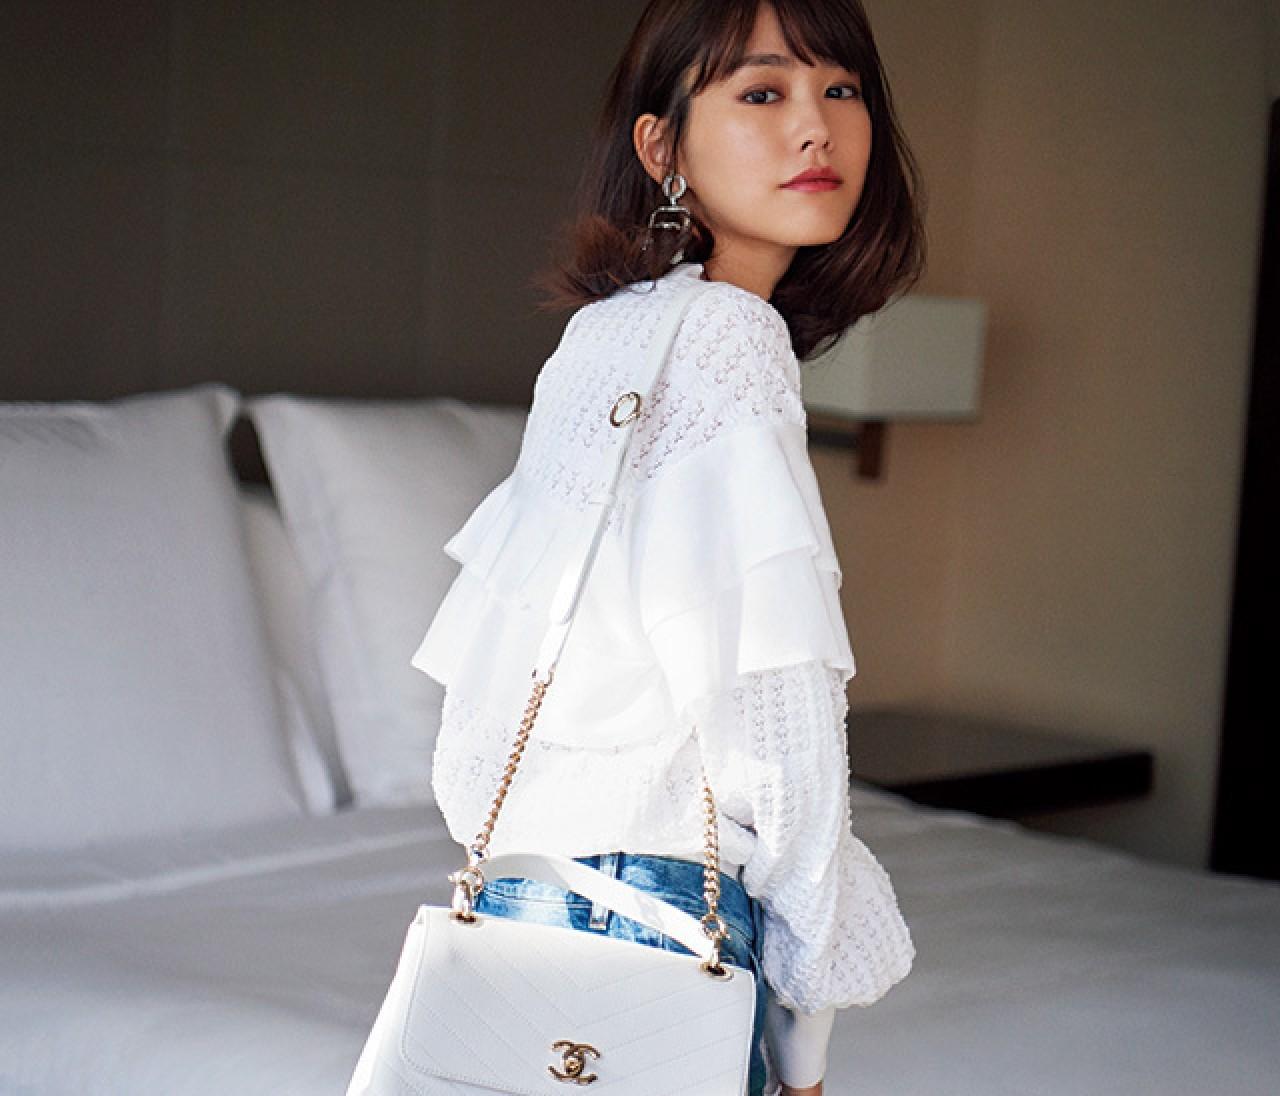 桐谷美玲が恋した、憧れブランドの新作バッグ&シューズ9選